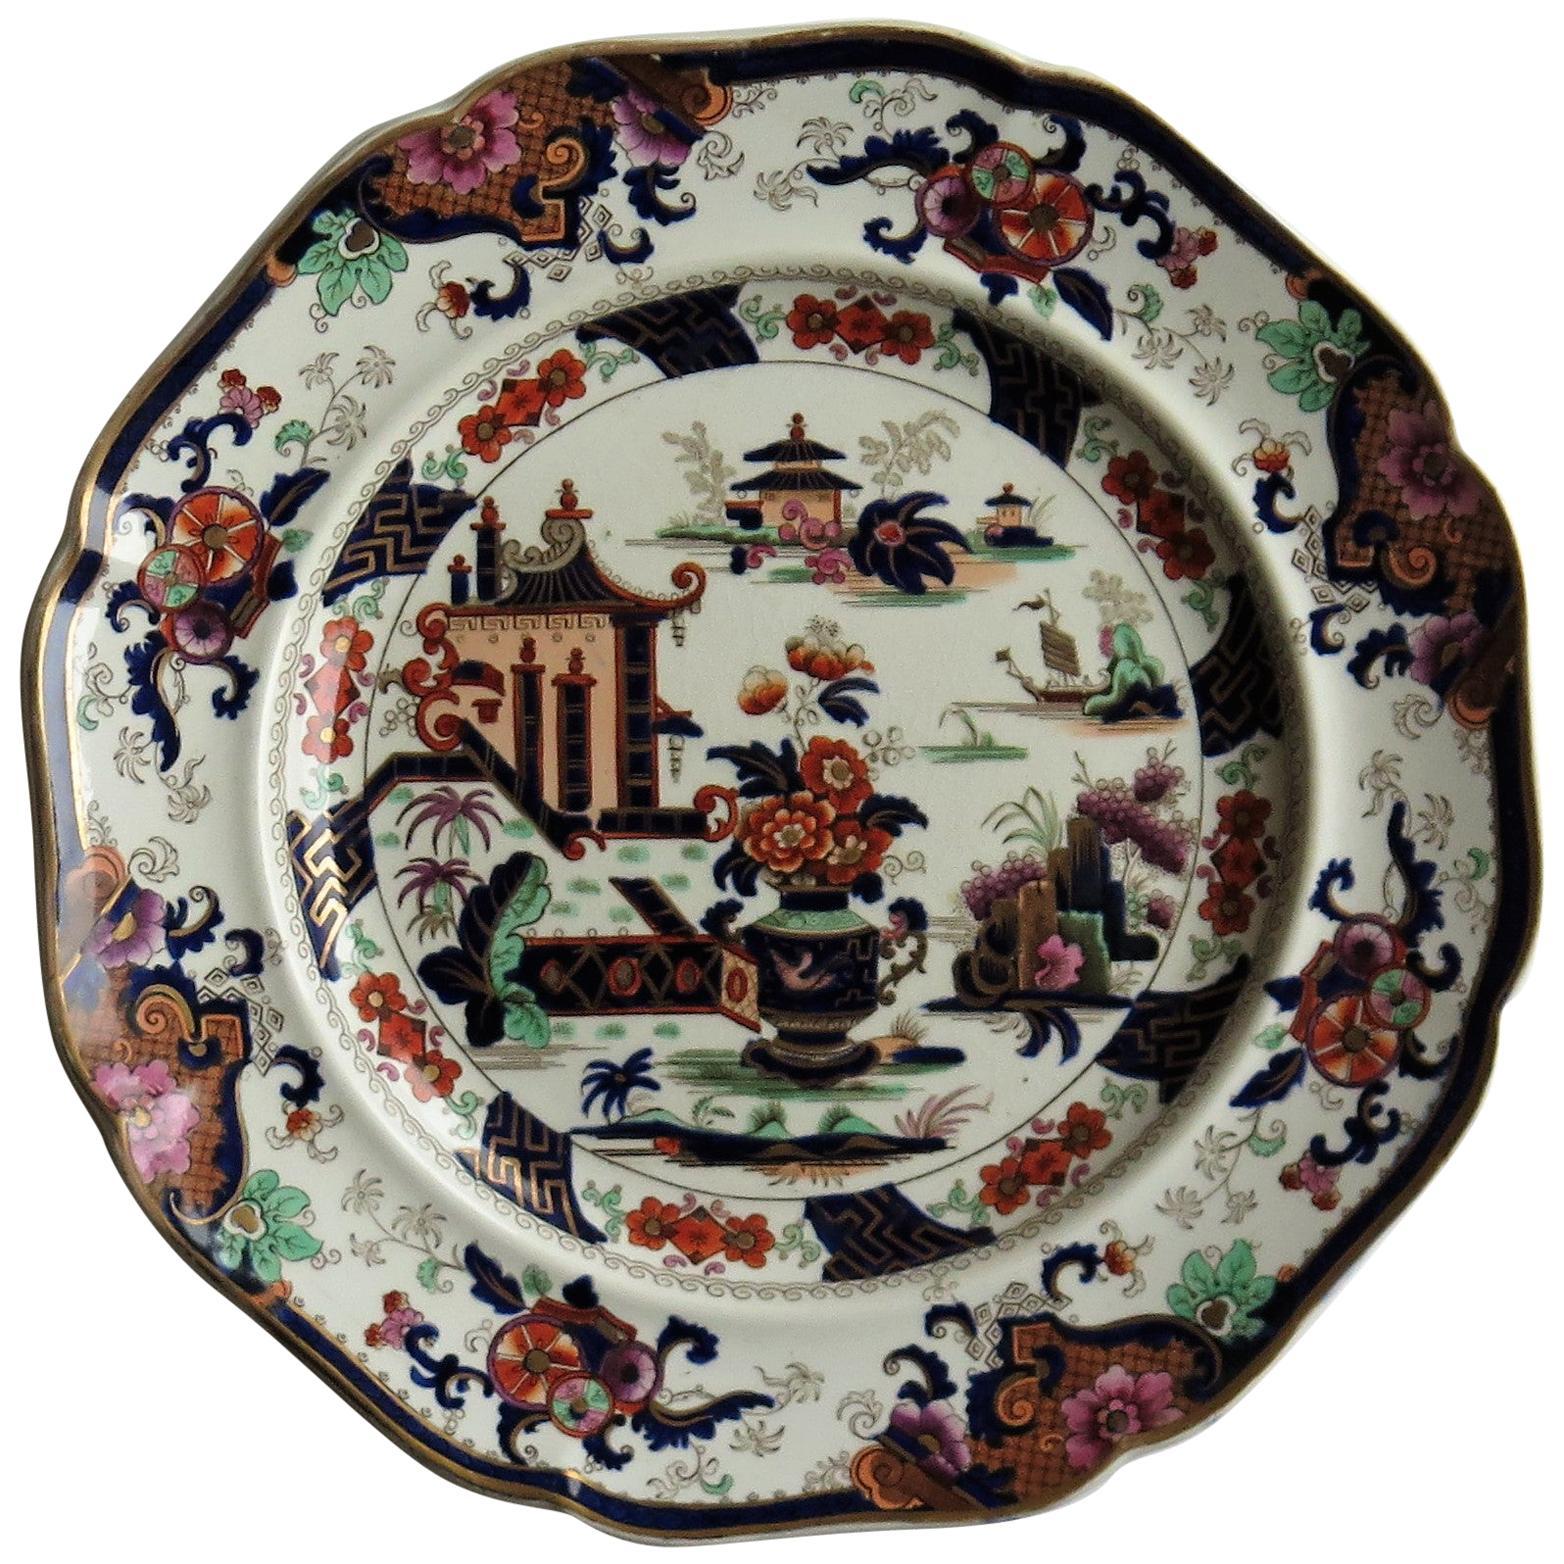 Early John Ridgway Ironstone Plate Chinoiserie Pattern 4118, English, circa 1835